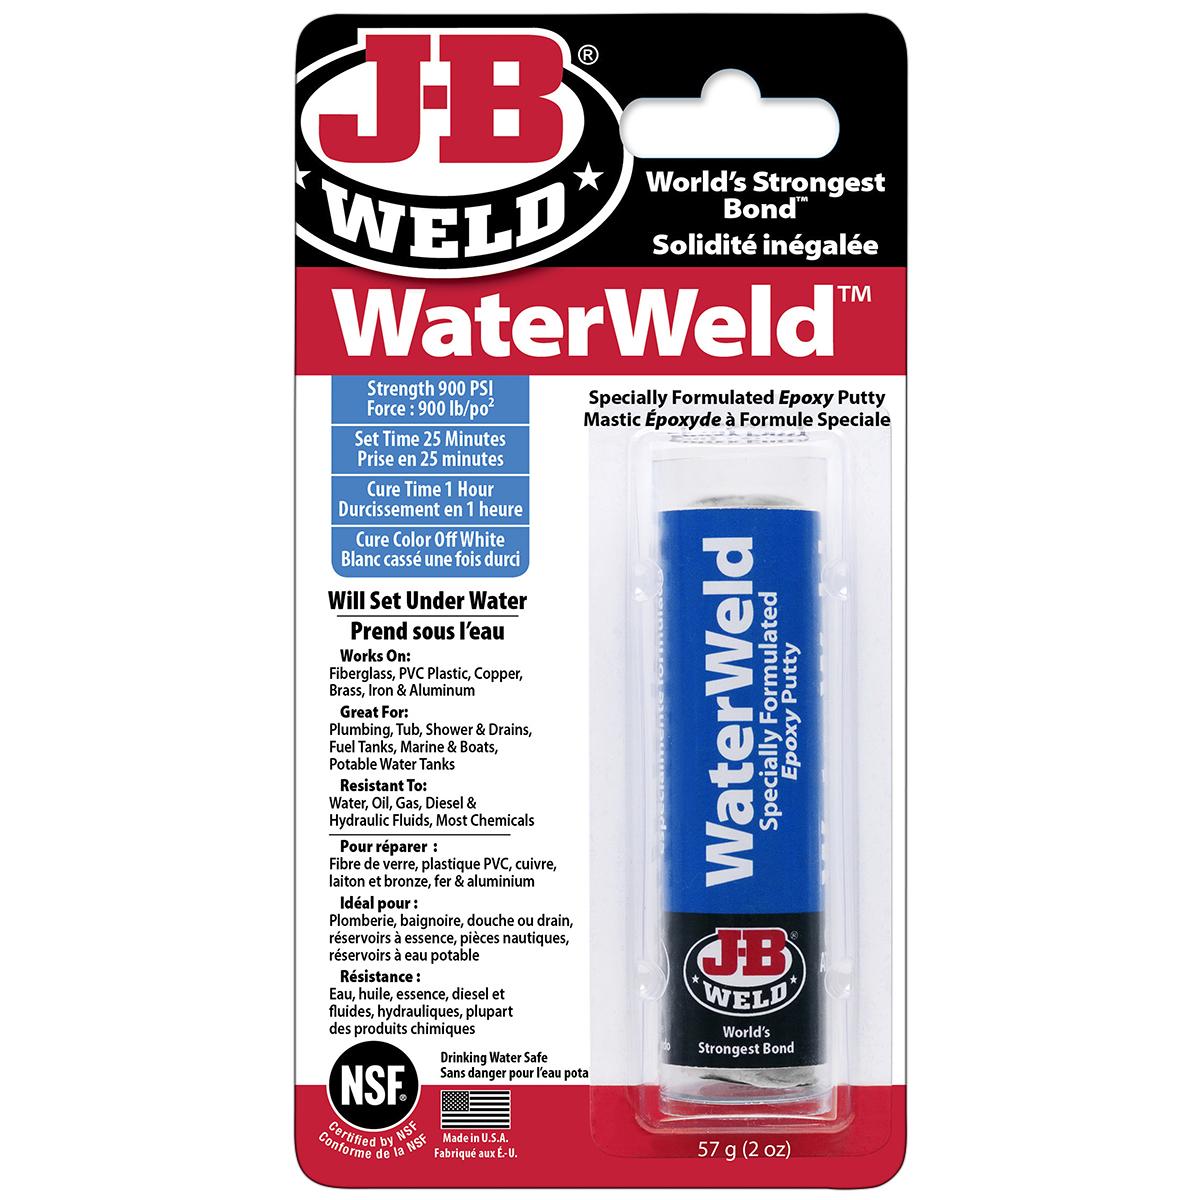 JB WATERWELD 2OZ EPOXY PUTTY